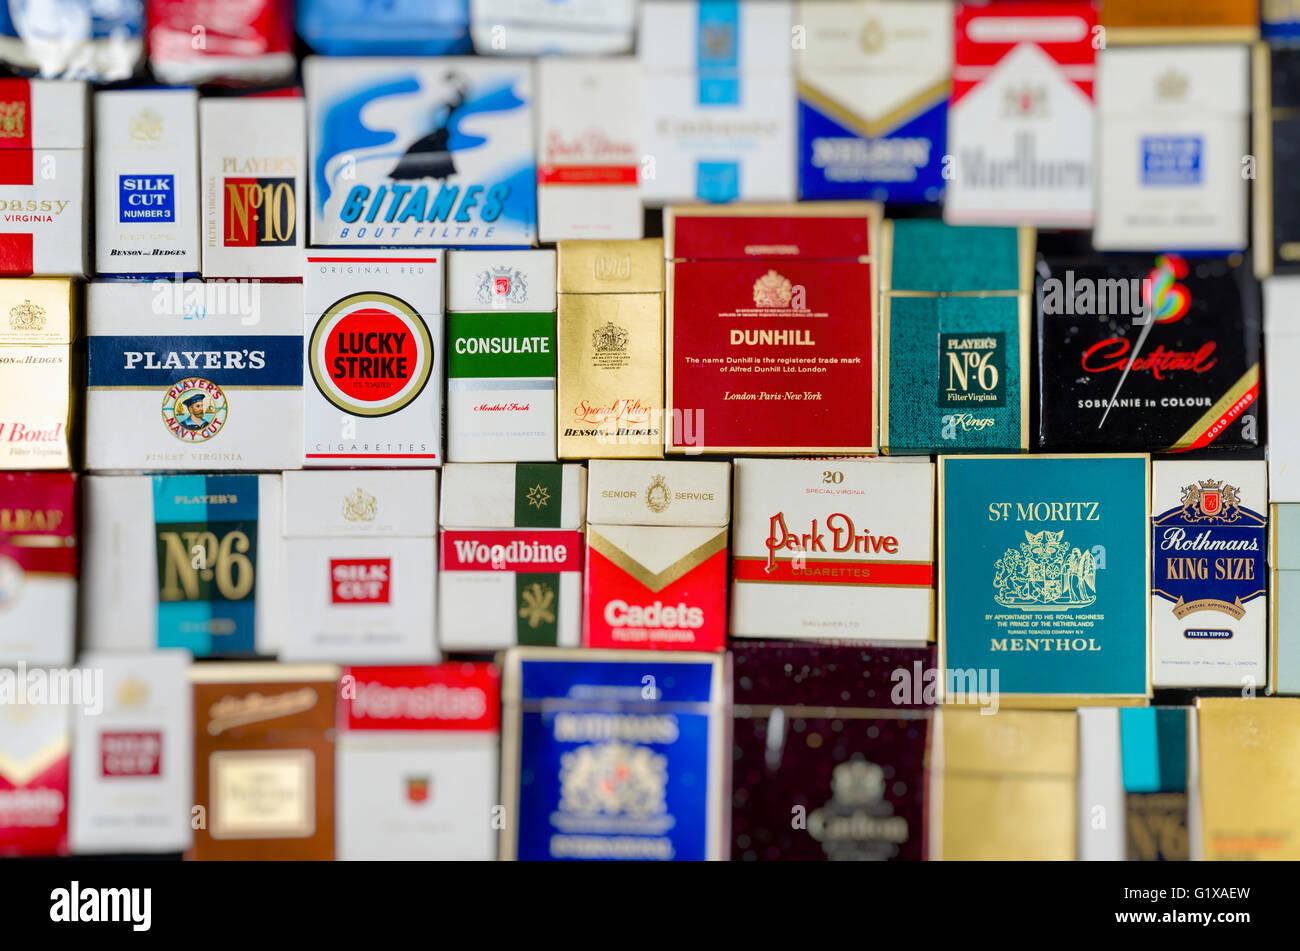 Cheap Silk Cut cigarettes Virginia